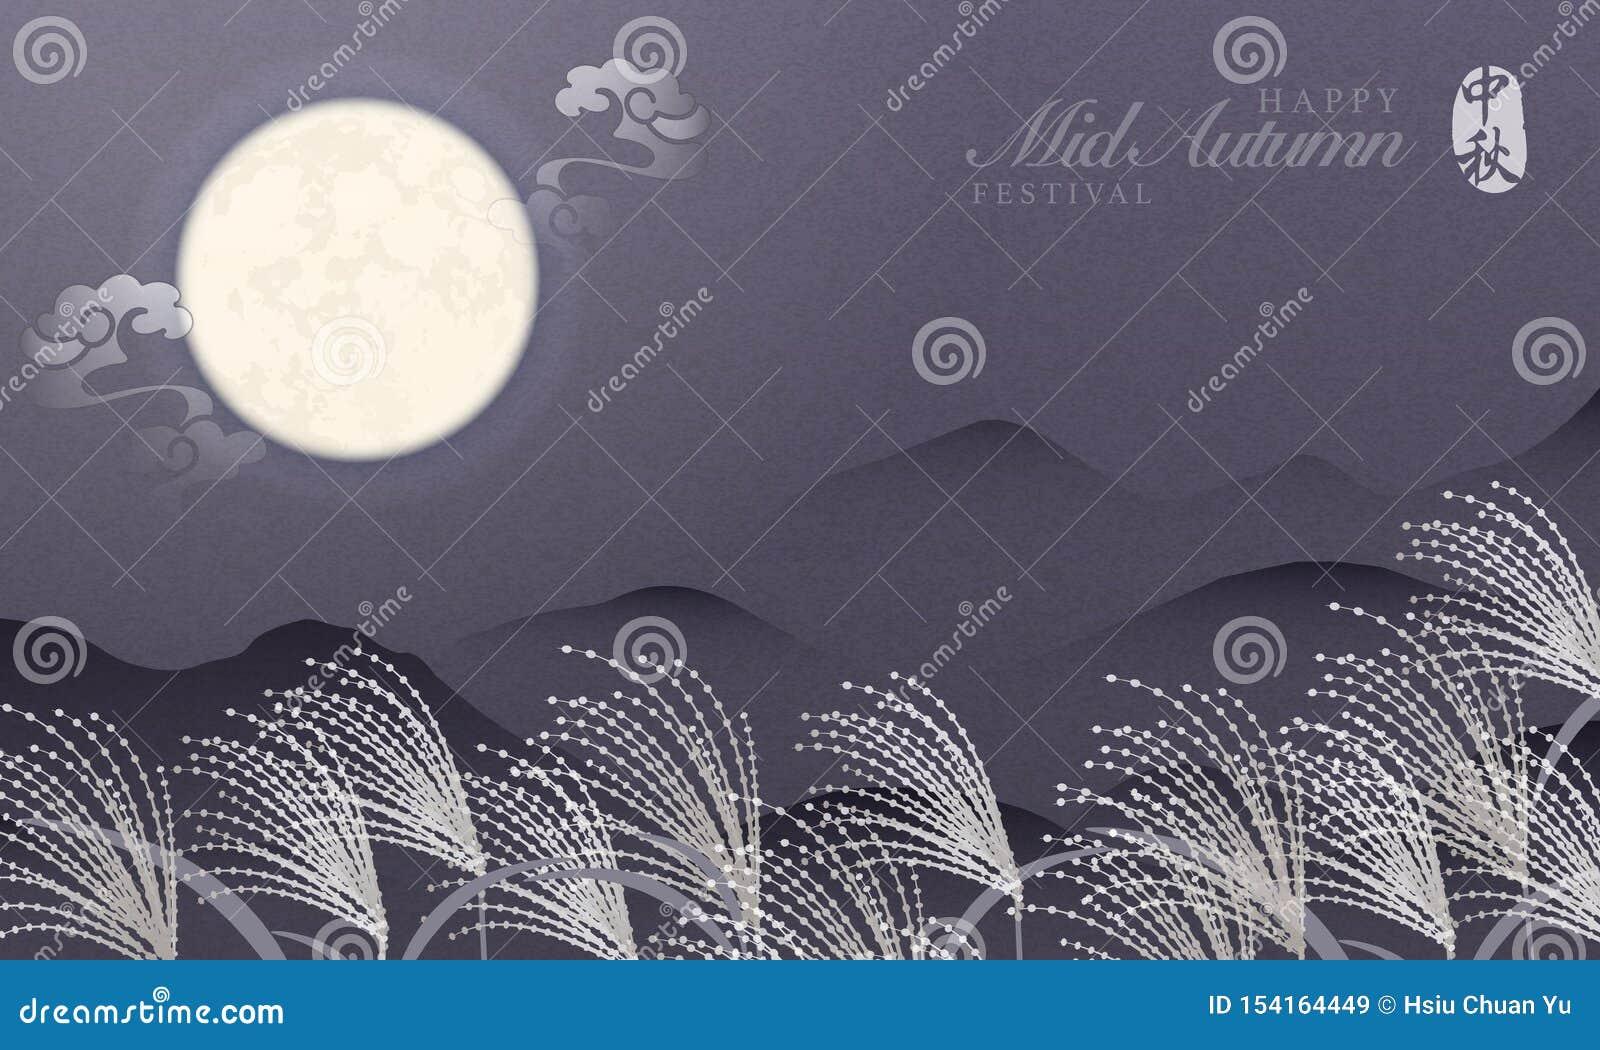 Αναδρομικό ύφους κινεζικό μέσο φθινοπώρου φεστιβάλ πυράκτωσης κομψό τοπίο σύννεφων πανσελήνων σπειροειδές του υποβάθρου νύχτας βο